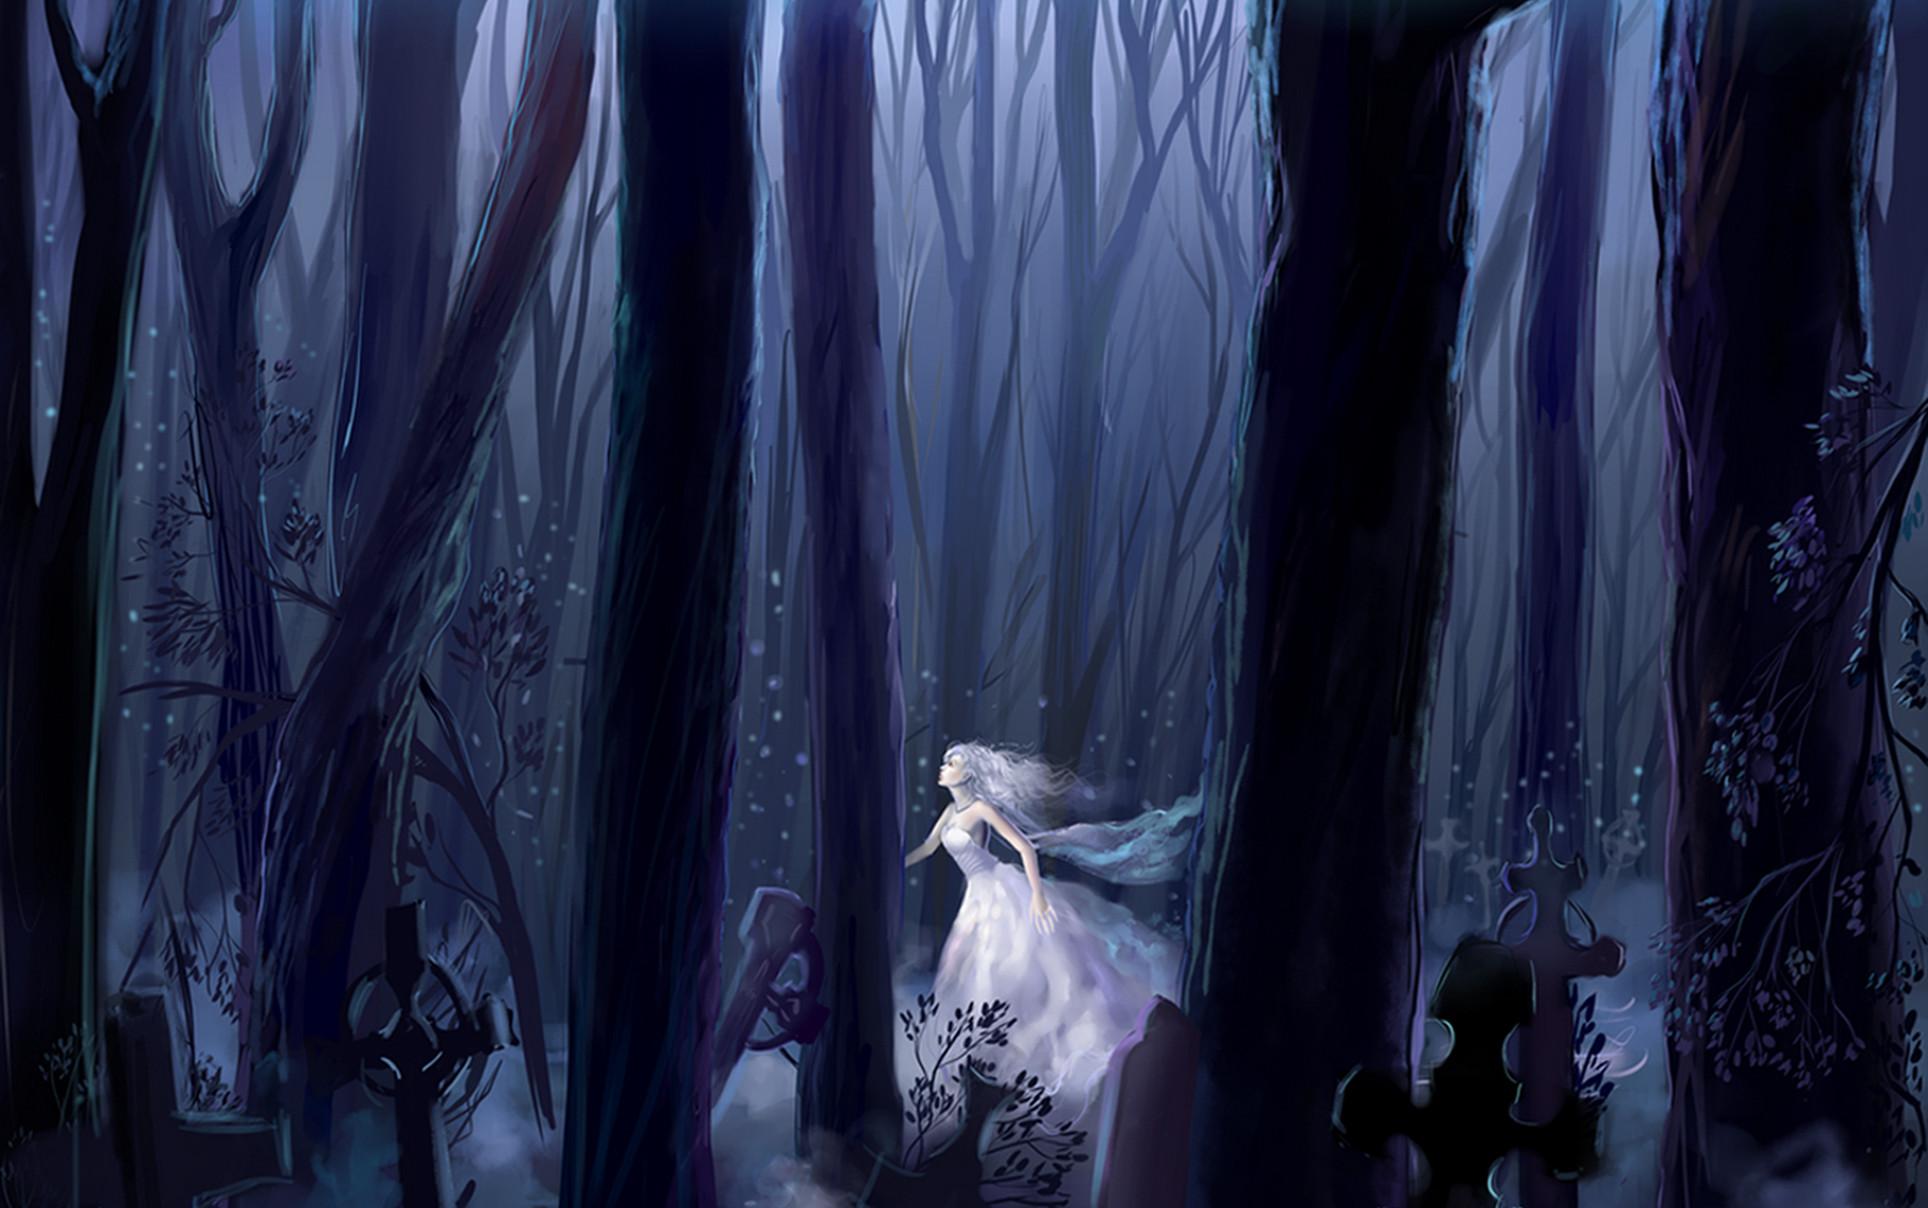 Sad Anime Girl White Dress | Girl, forest, night, running, white dress